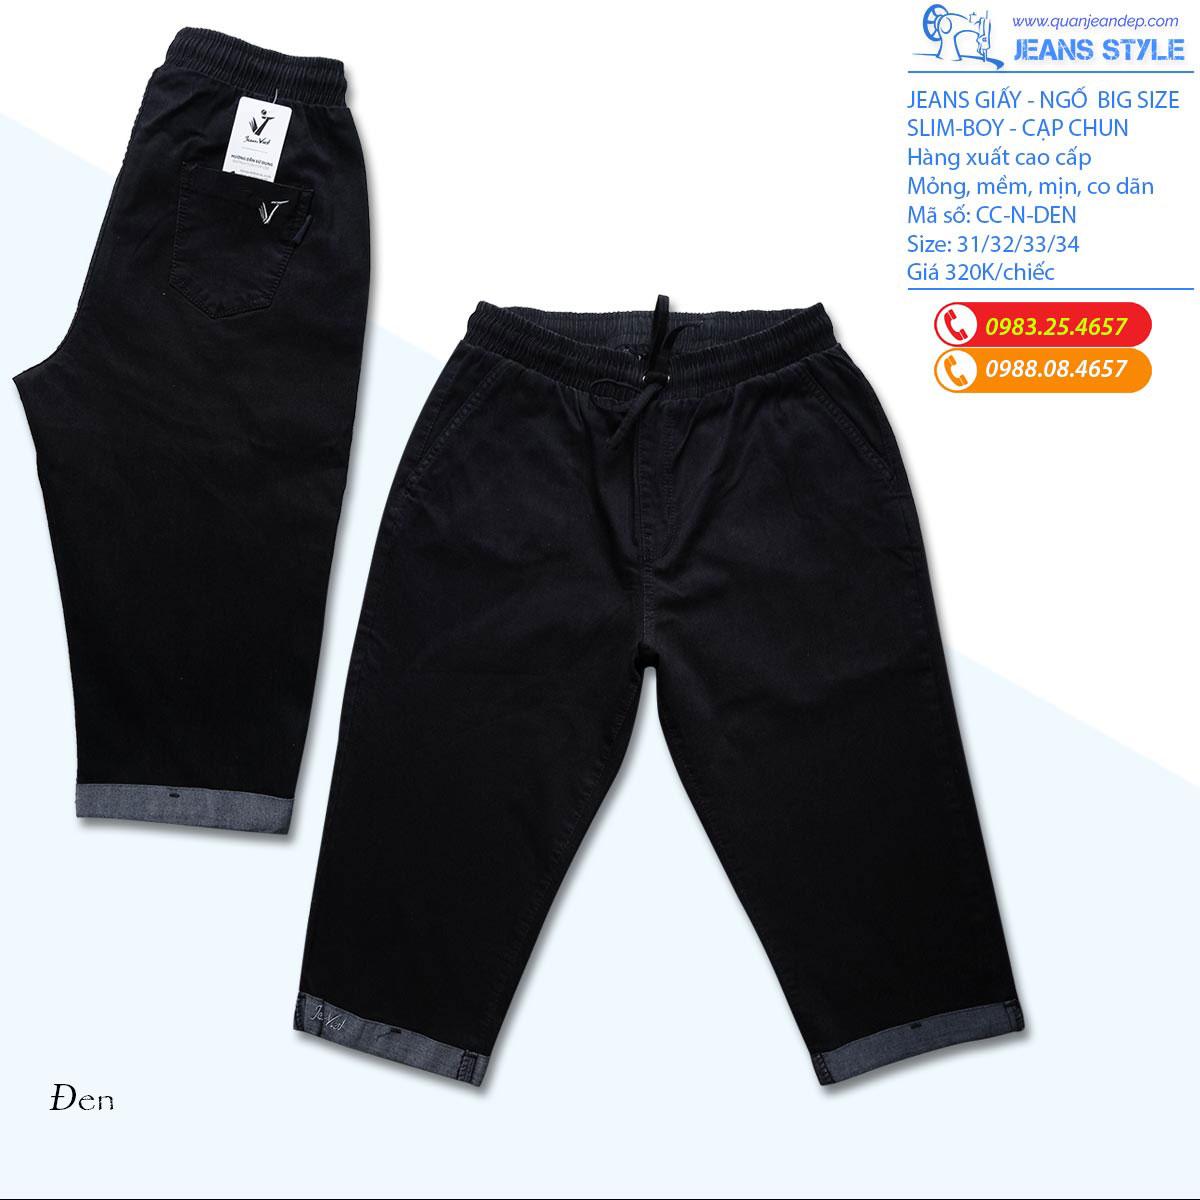 Jeans ngố nữ, cạp chun, chất jeans giấy, co dãn Giá:265.000,00 ₫